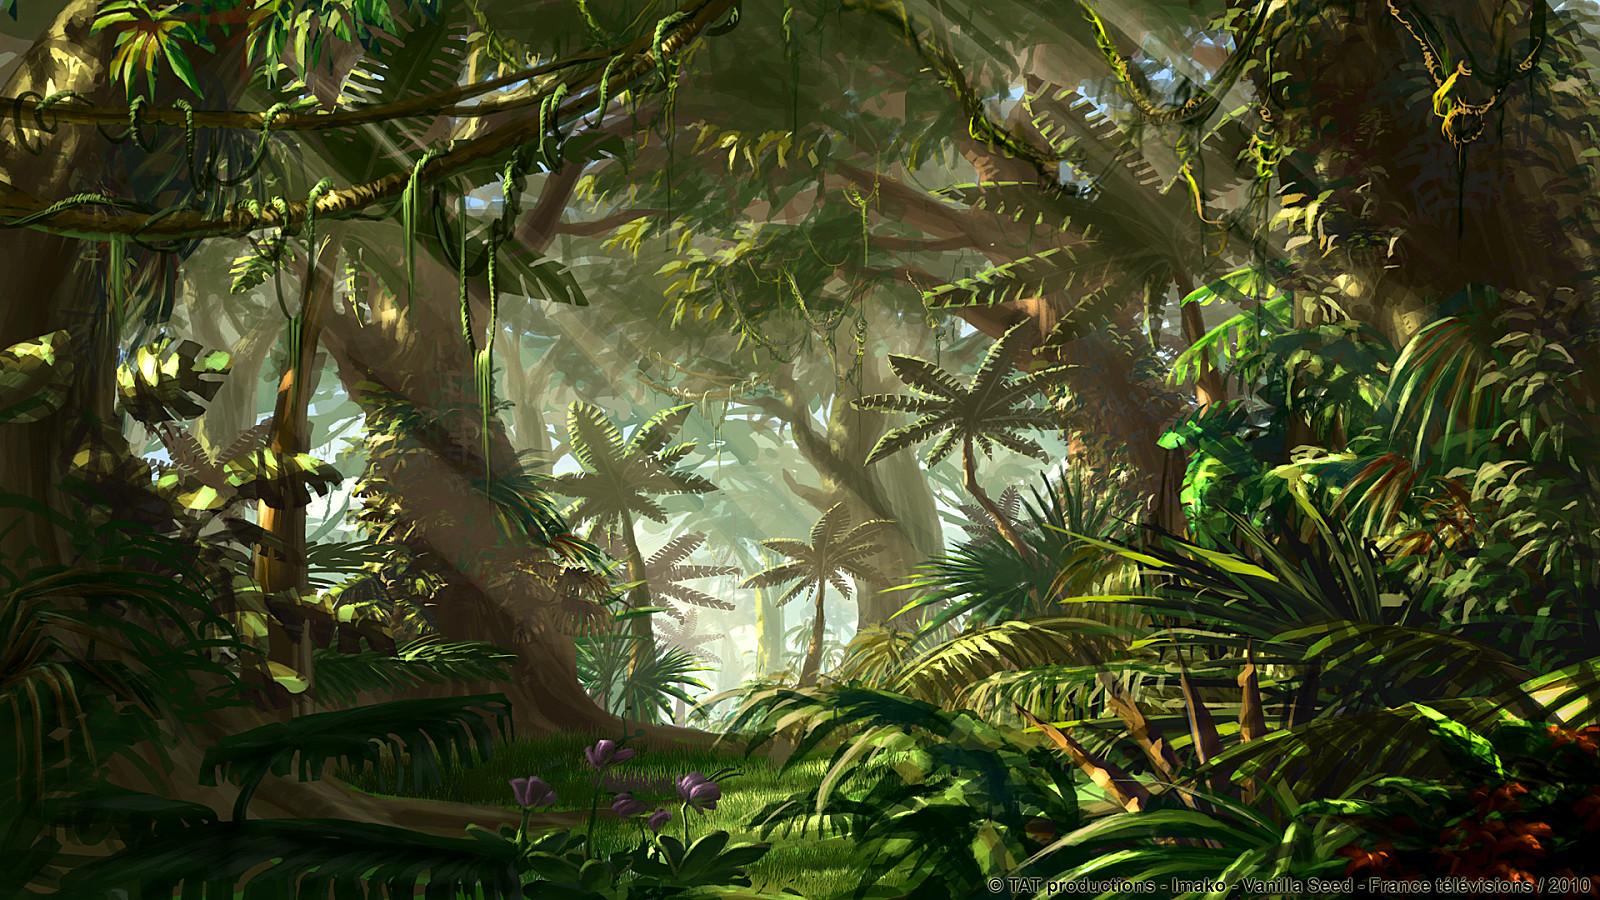 Прекрасна, джунгли картинка анимация